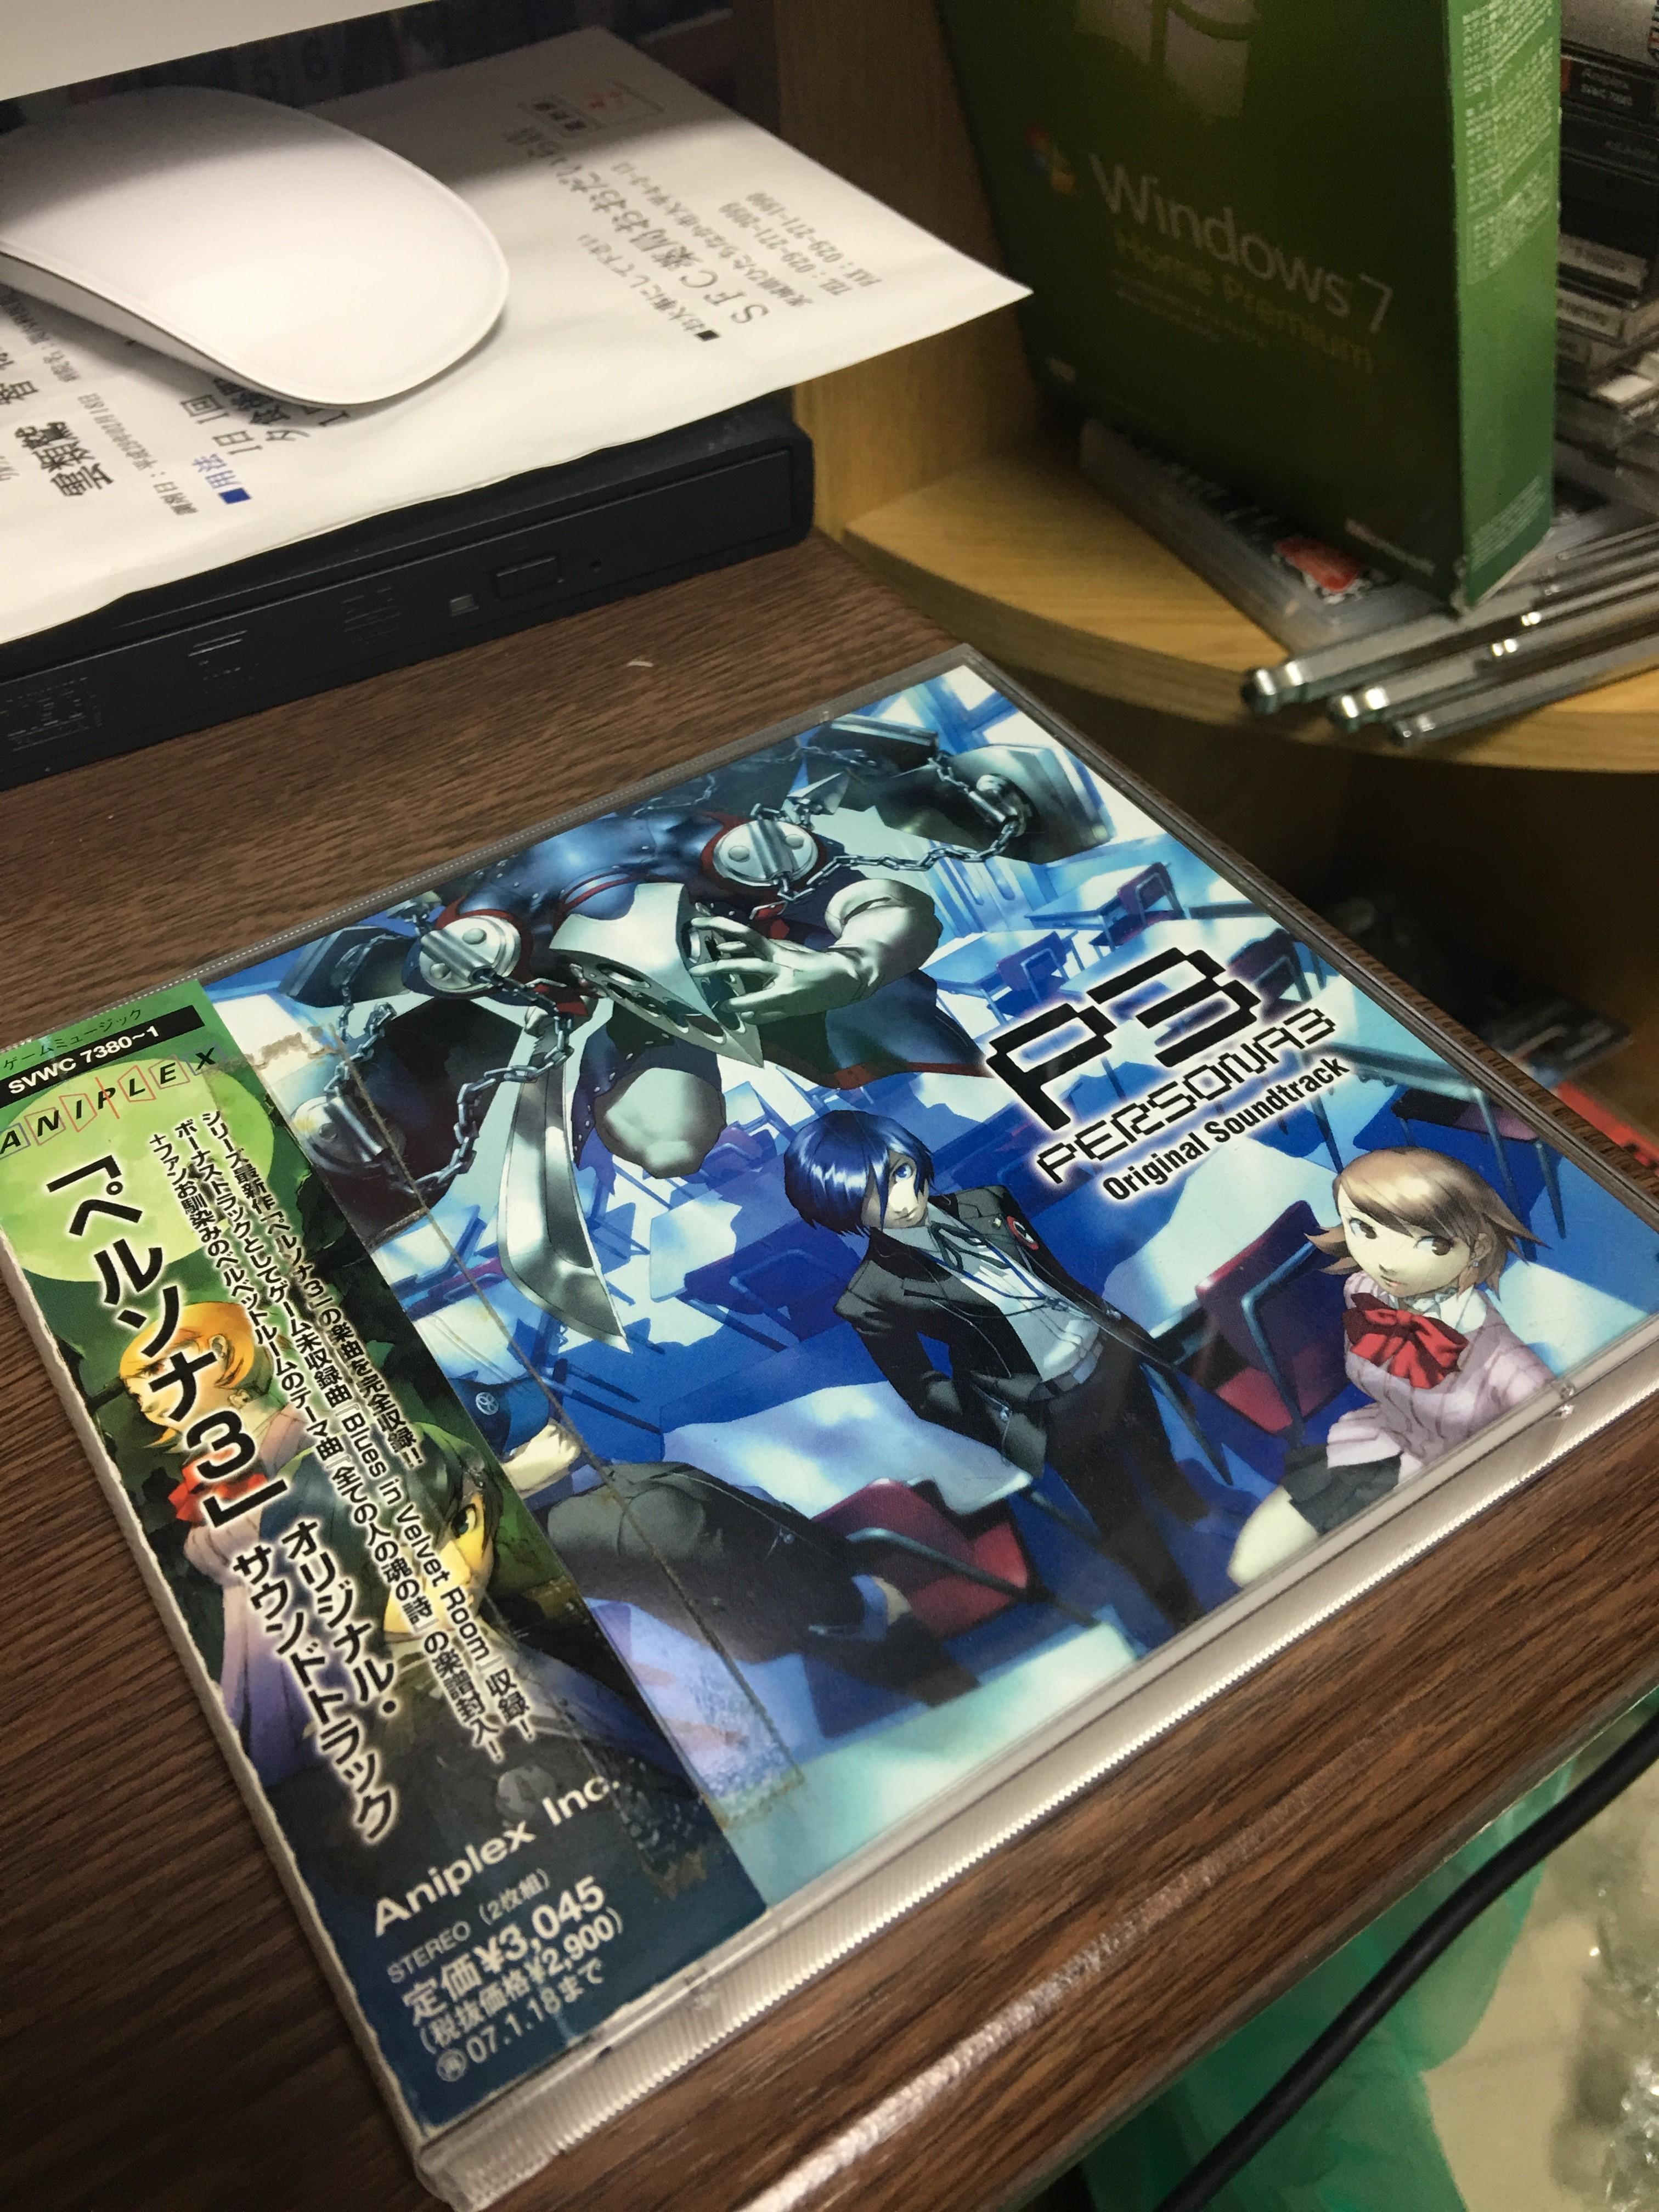 f:id:MasaruUruwashi:20170301185536j:image